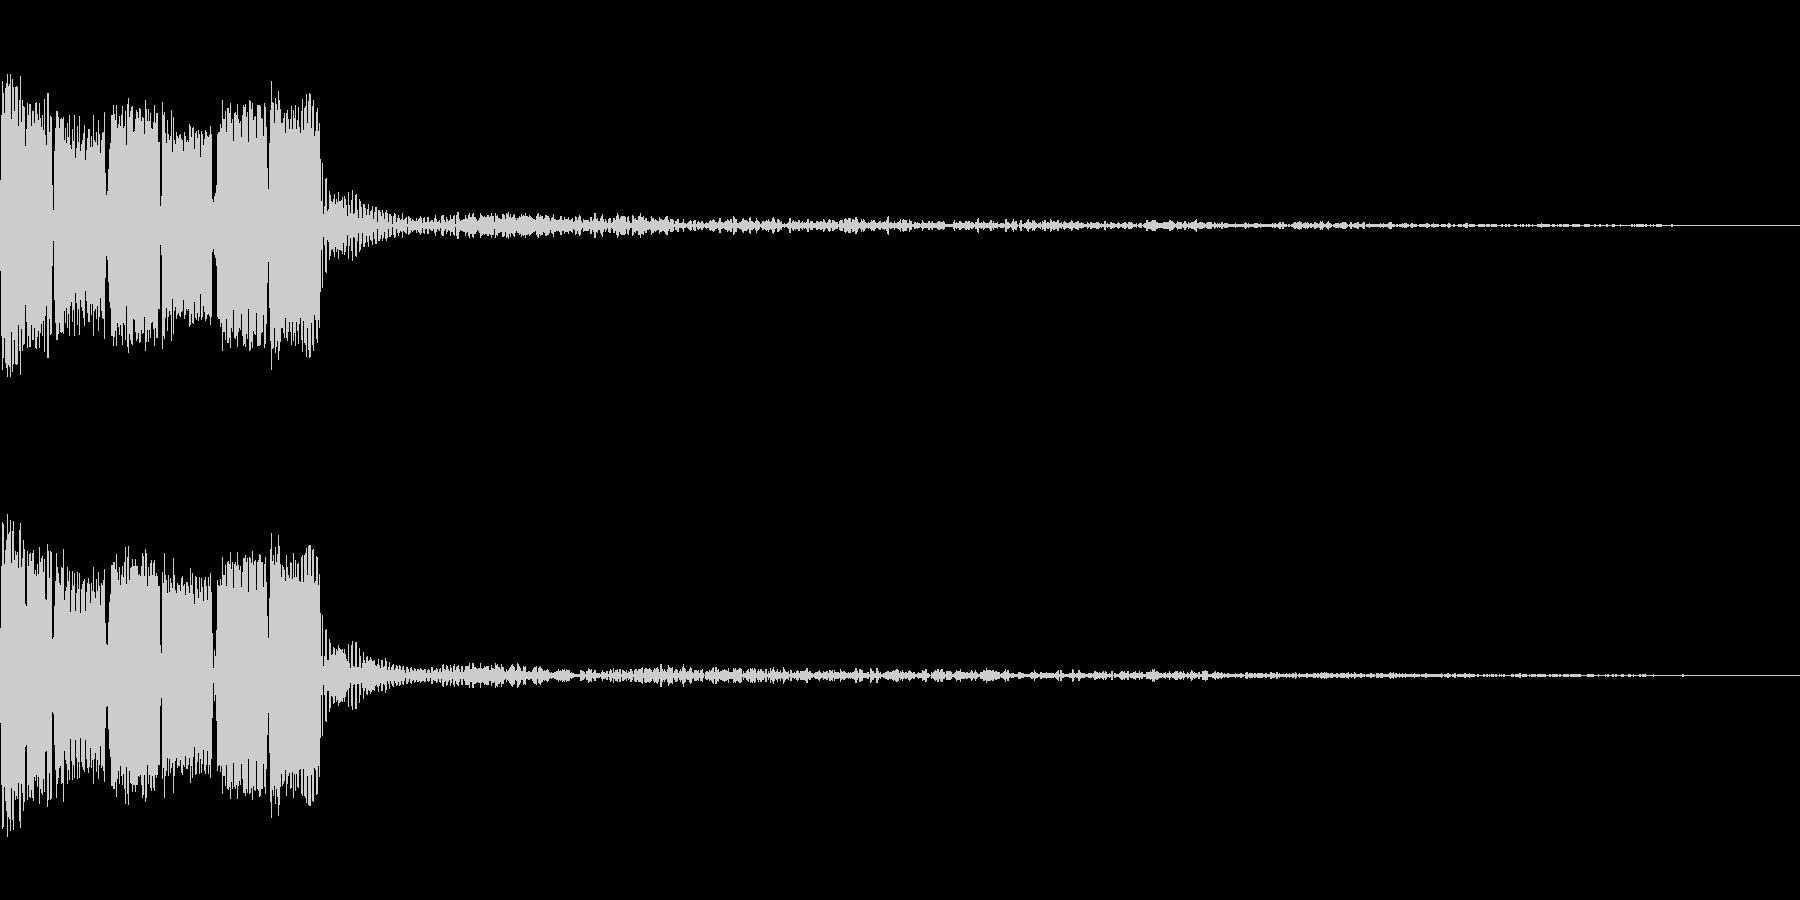 決定ボタン (8bit)の未再生の波形